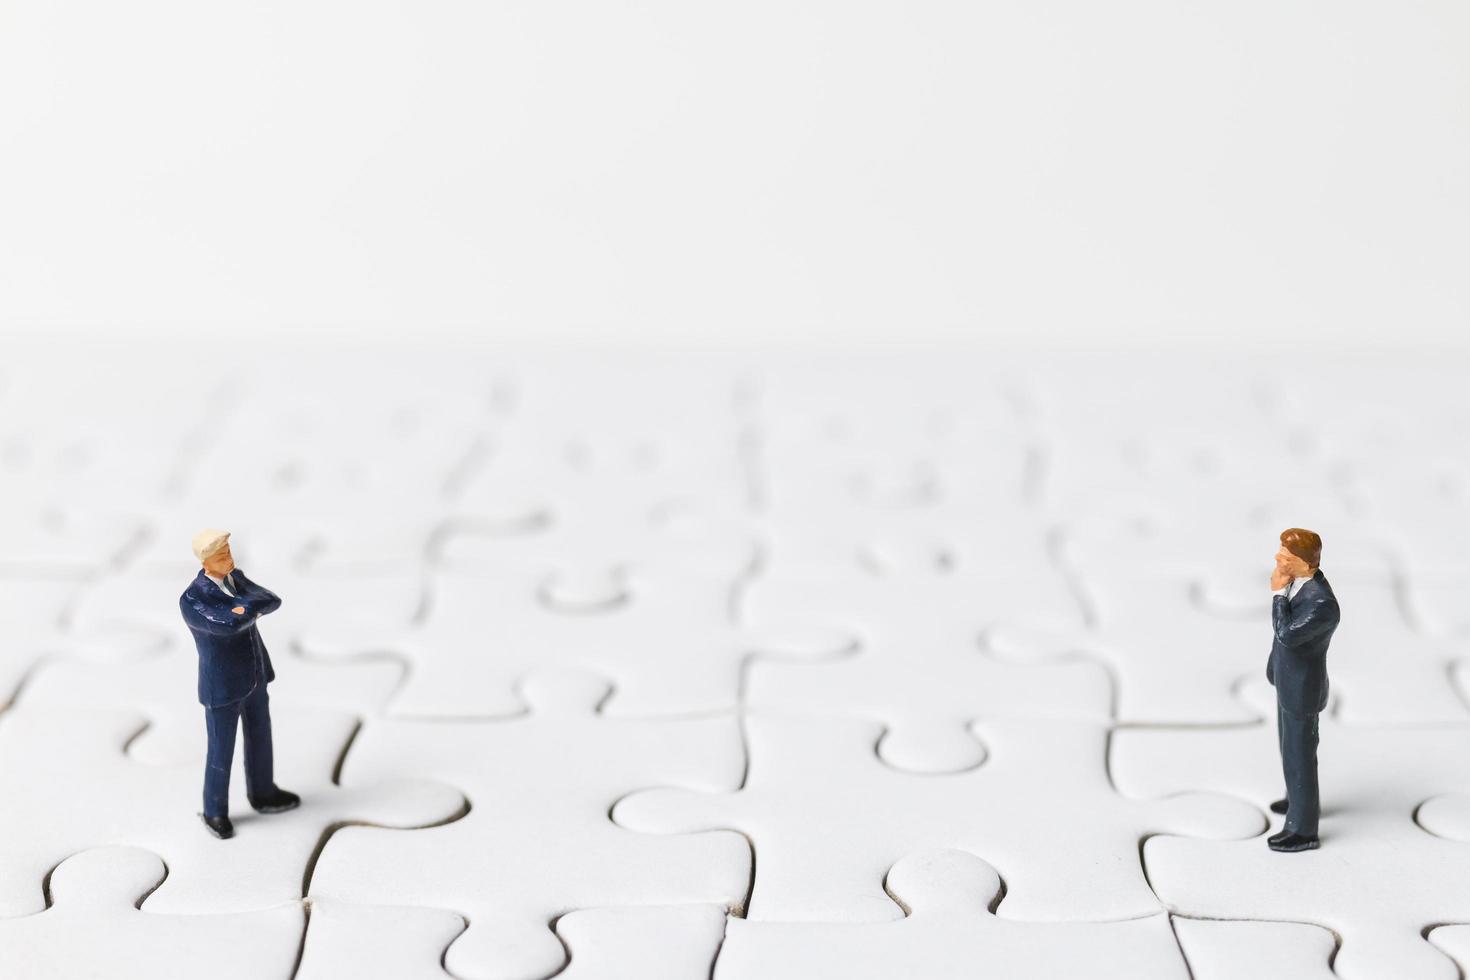 hommes d'affaires miniatures debout sur un puzzle blanc, concept d'entreprise photo